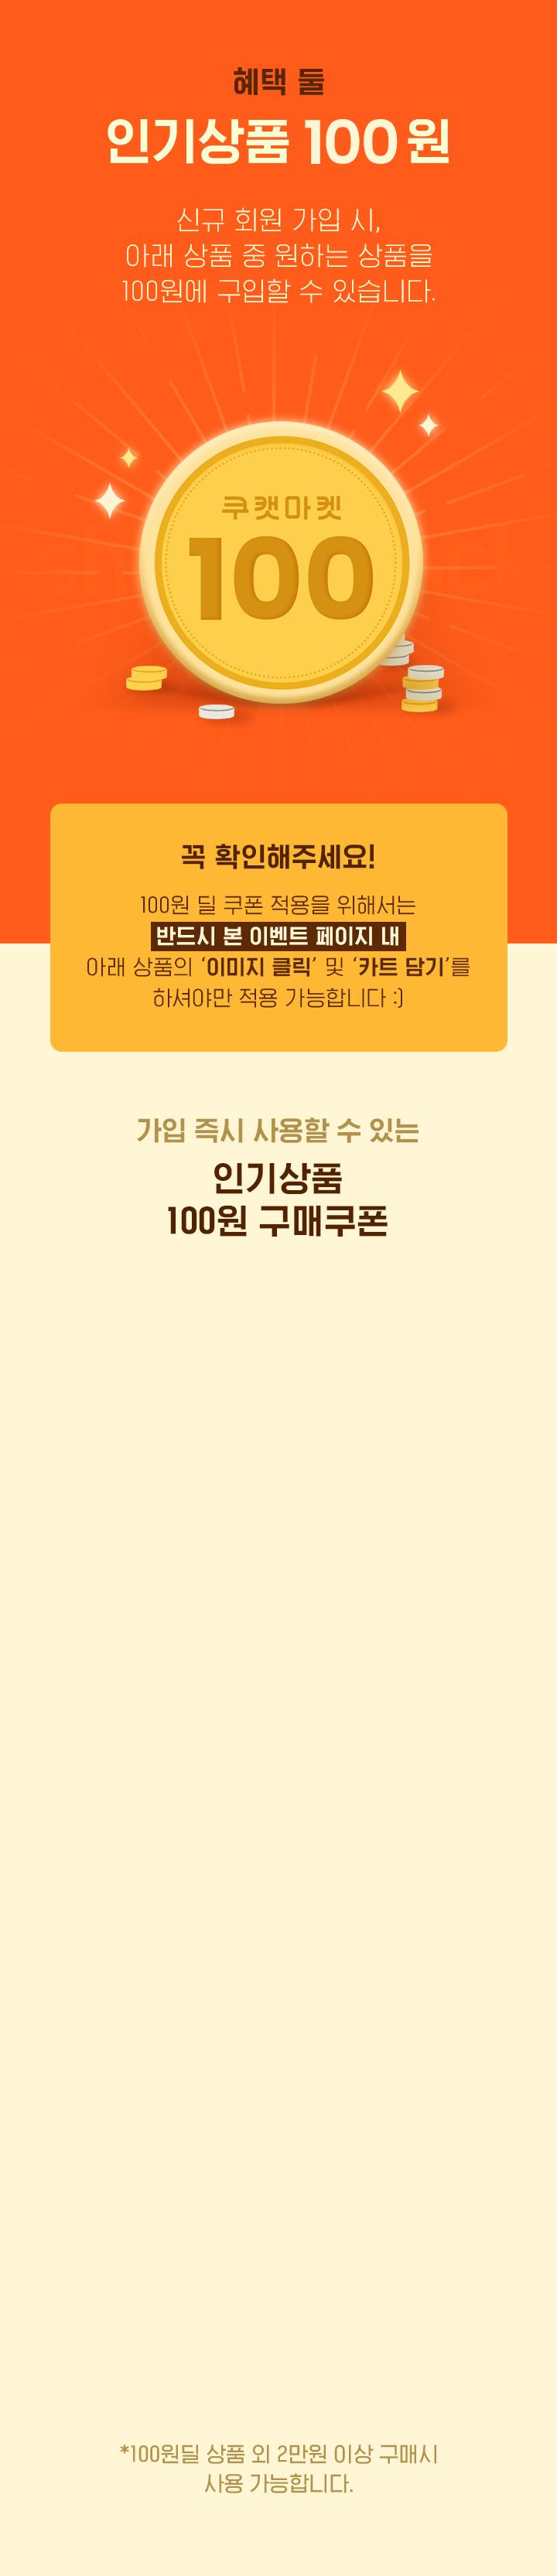 인기상품 100원